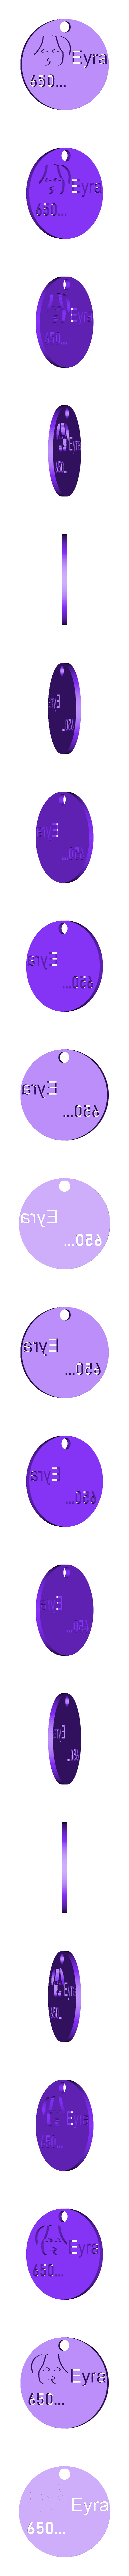 collar circular.stl Télécharger fichier STL gratuit Plaque d'identité personnalisée (Plaque d'identité personnalisée) • Objet à imprimer en 3D, marumar